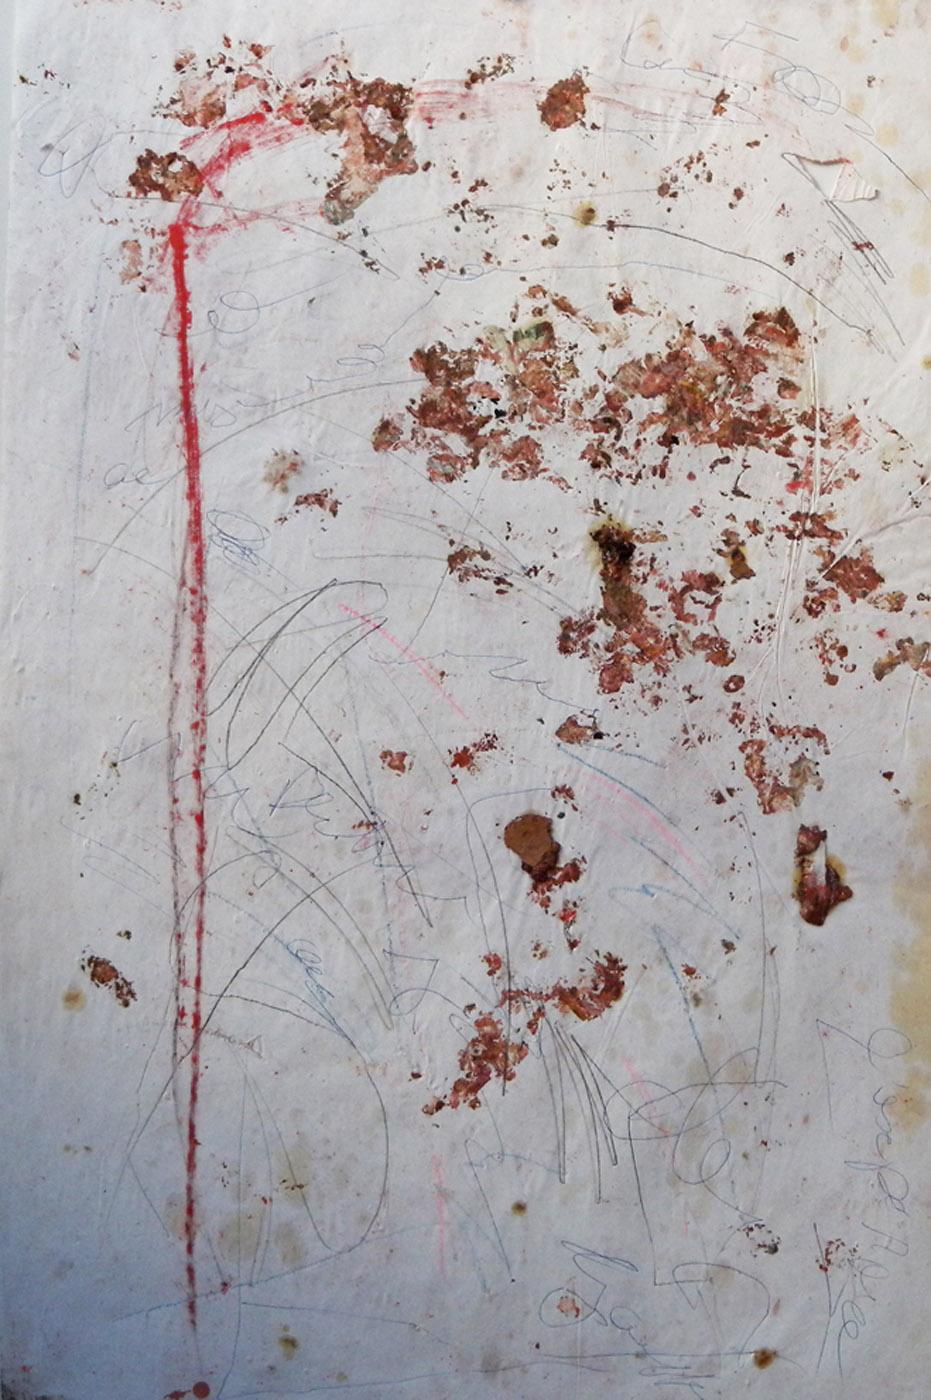 MARC FELD 2004 NIJINSKY Huile, pigment, stylo bille et mine de plomb sur papier 52 x 117 cm